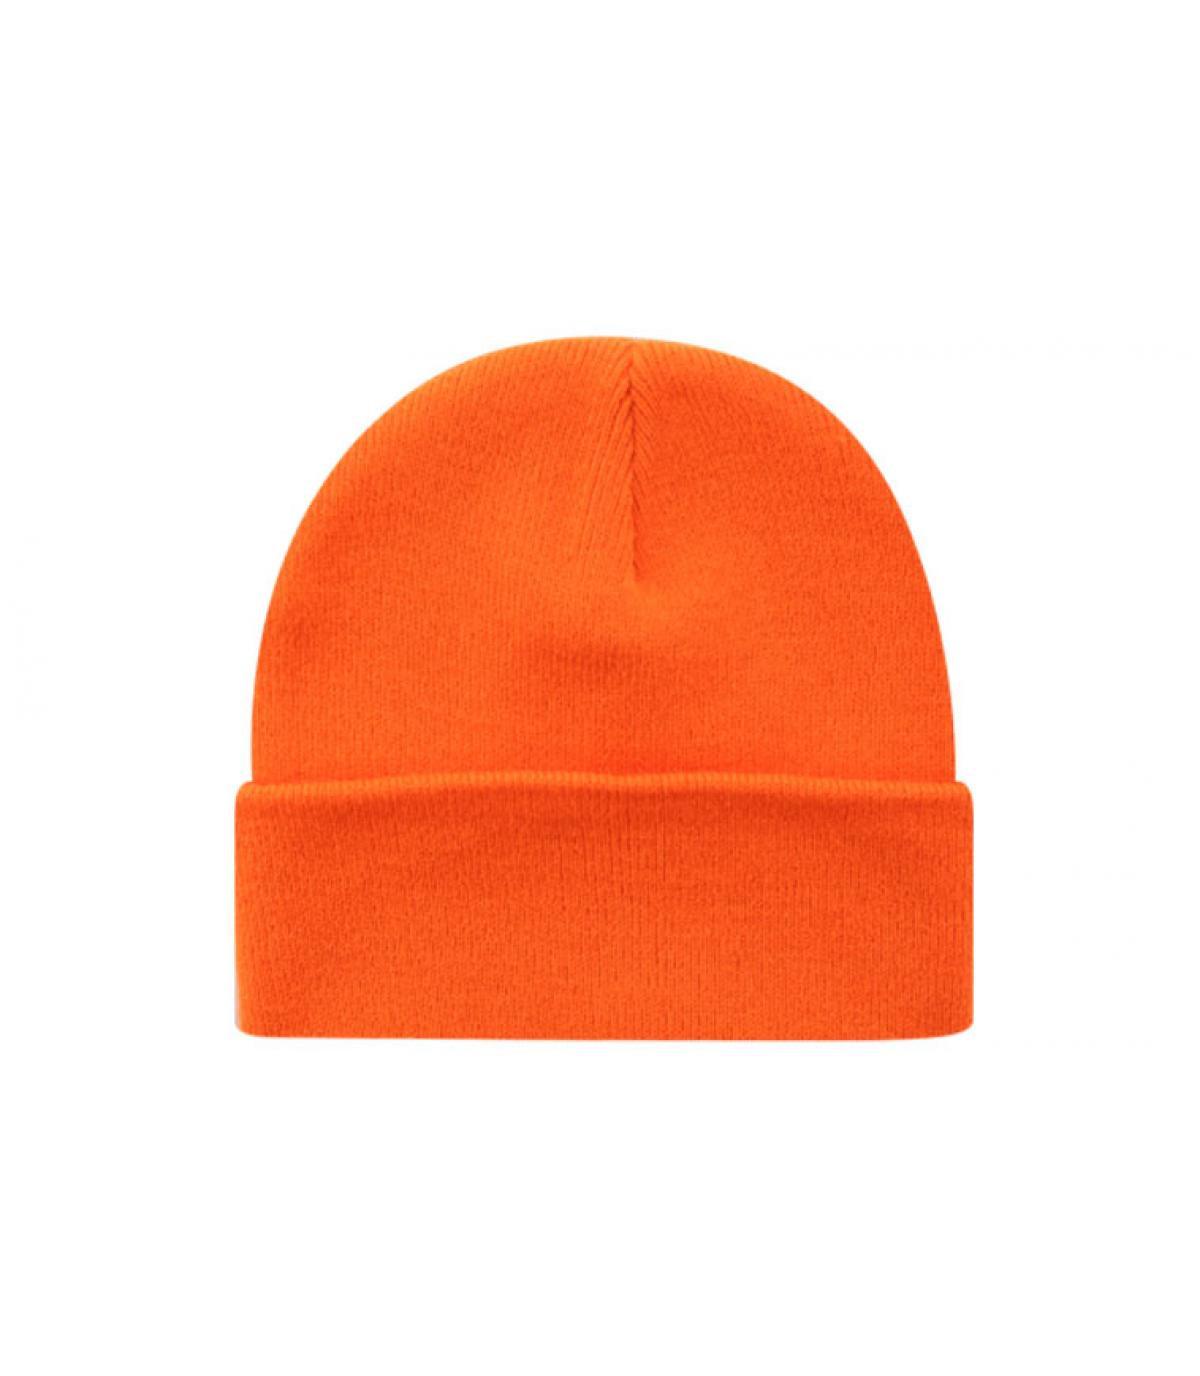 Bonnet blank orange